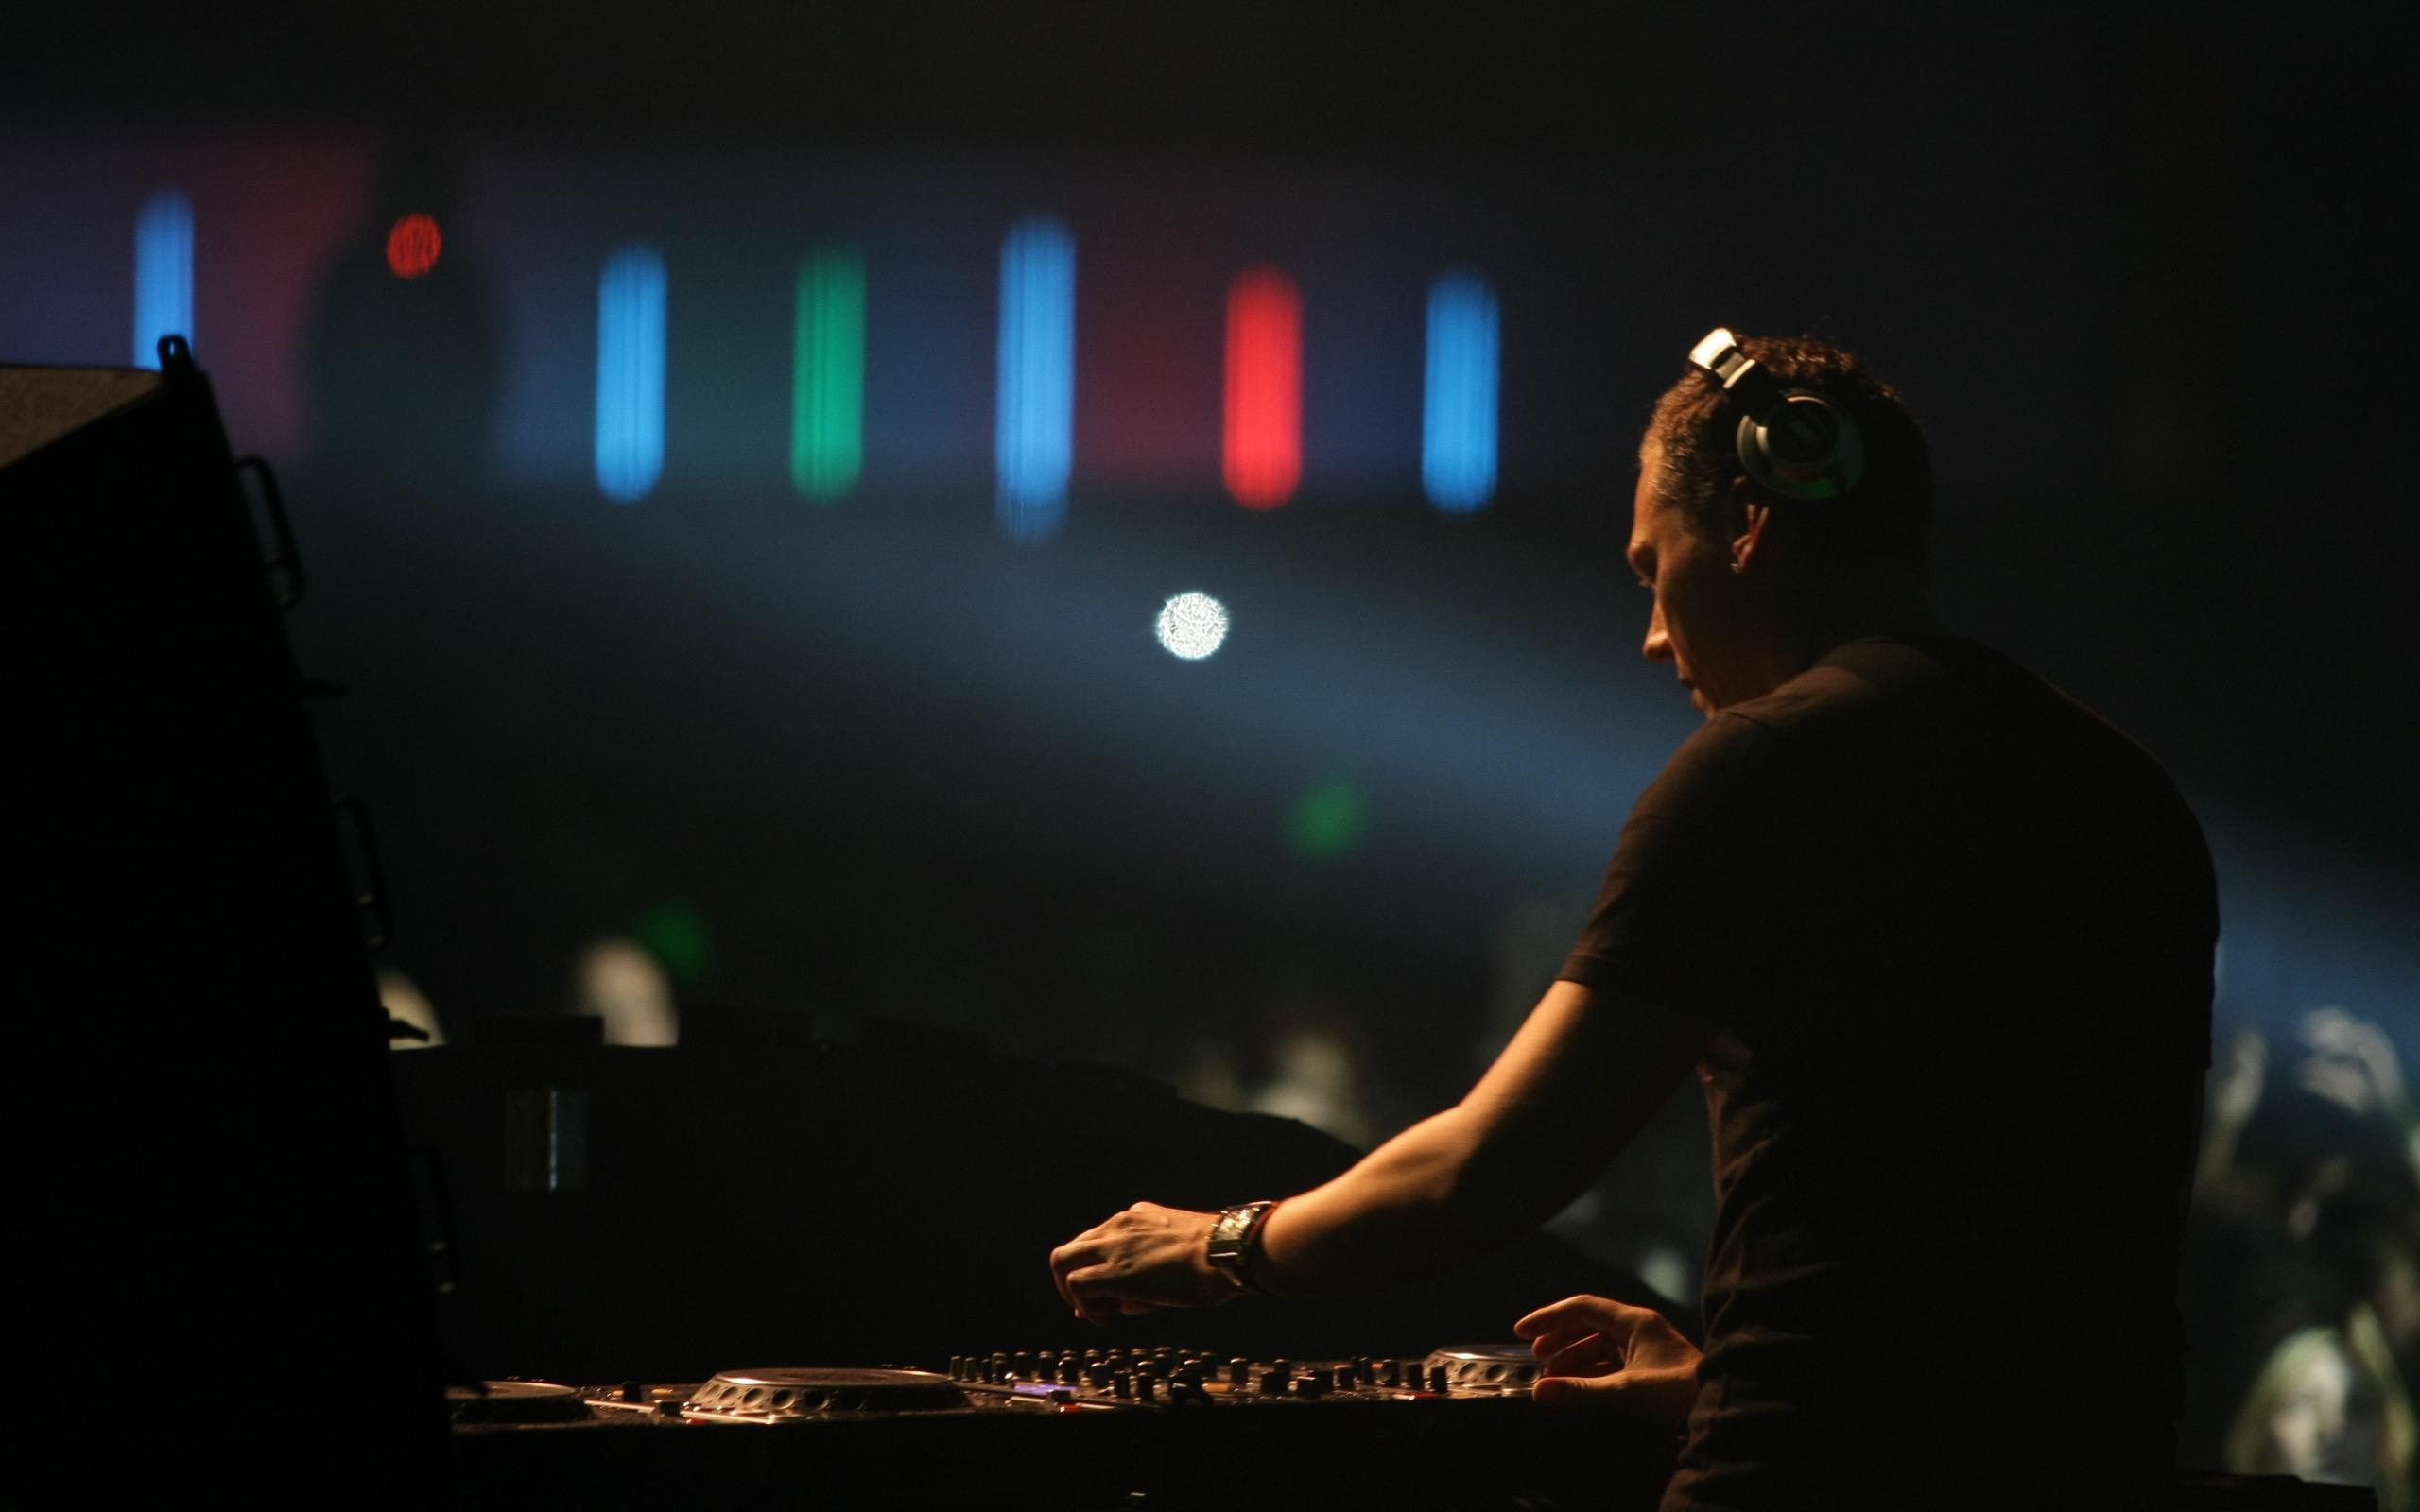 DJ HD Wallpaper